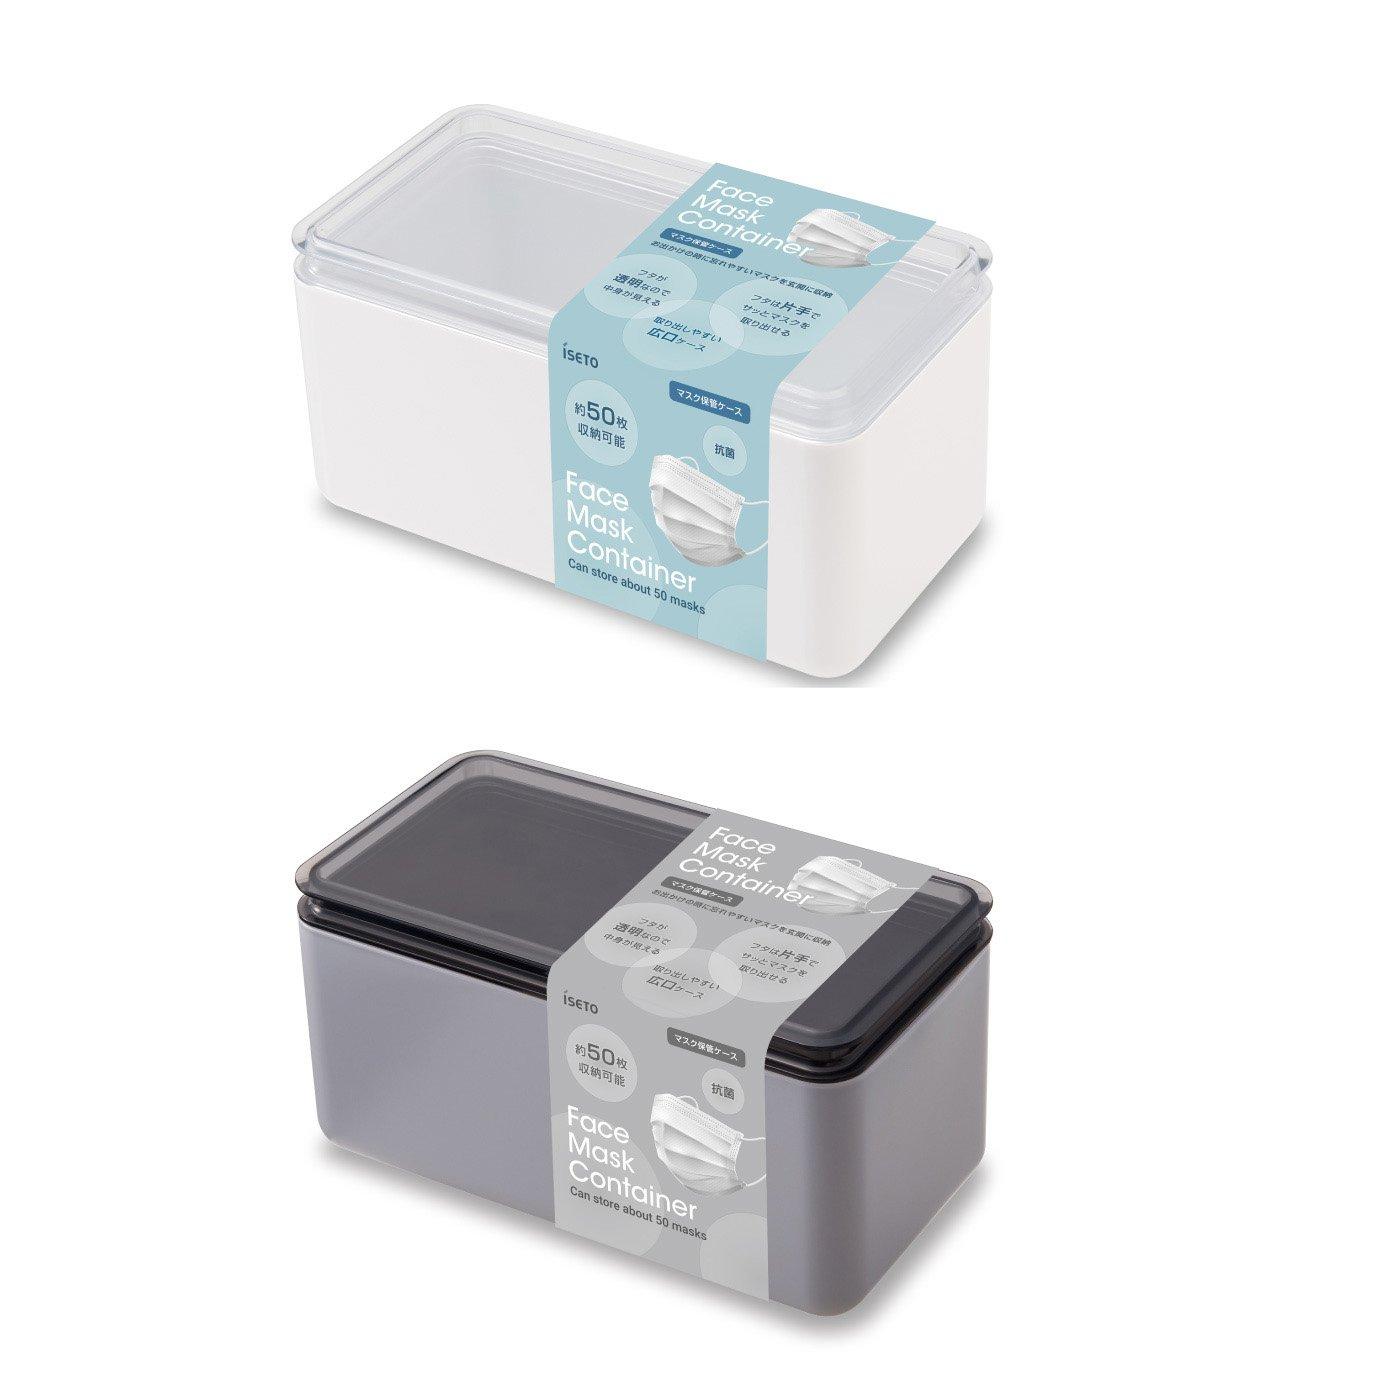 透明のフタで中身が見える抗菌マスク保管ケース2個セット(同色)